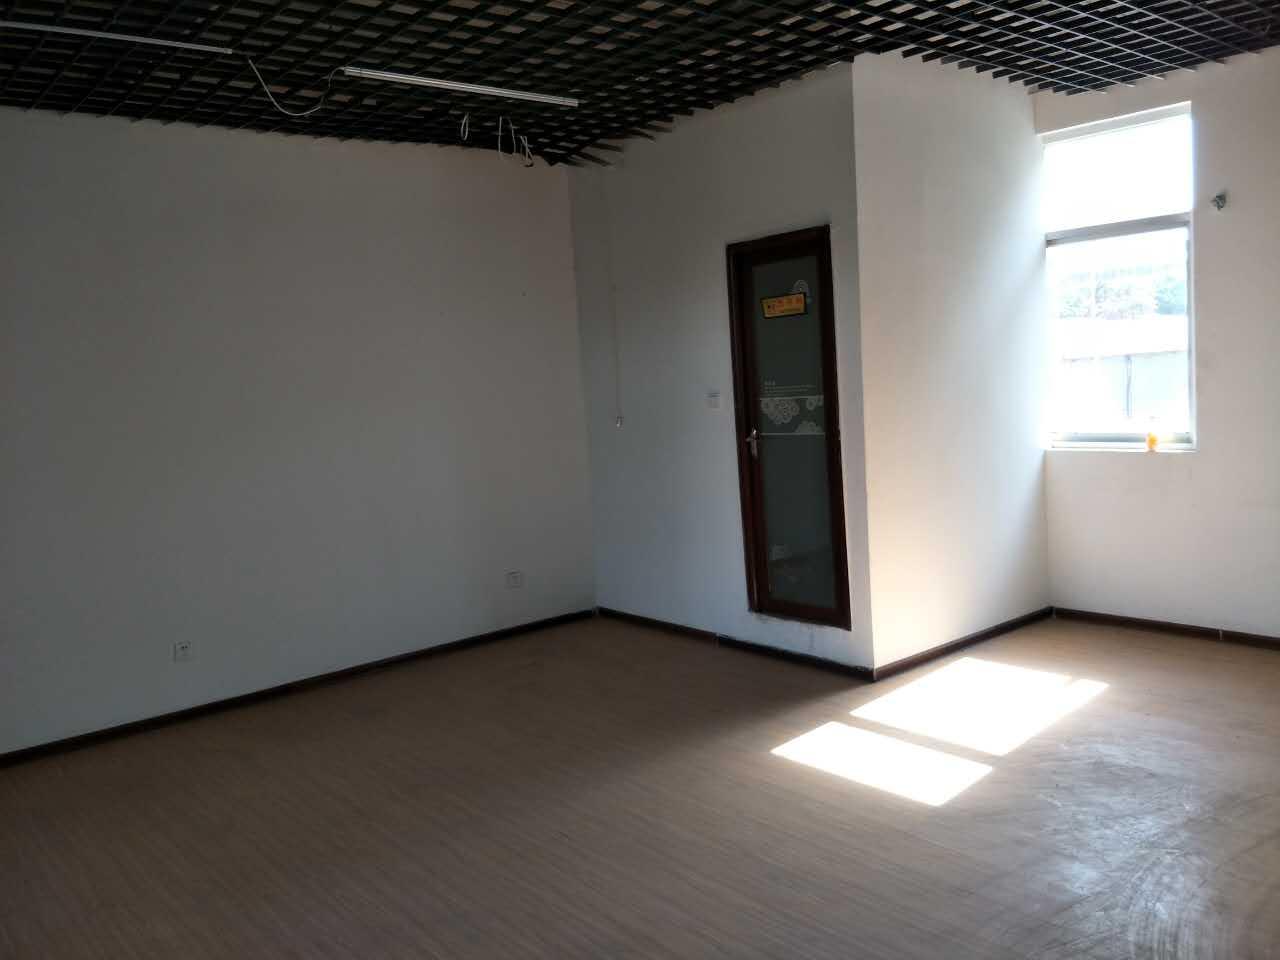 柳阳街商业门脸后一间精品装修135平米出租